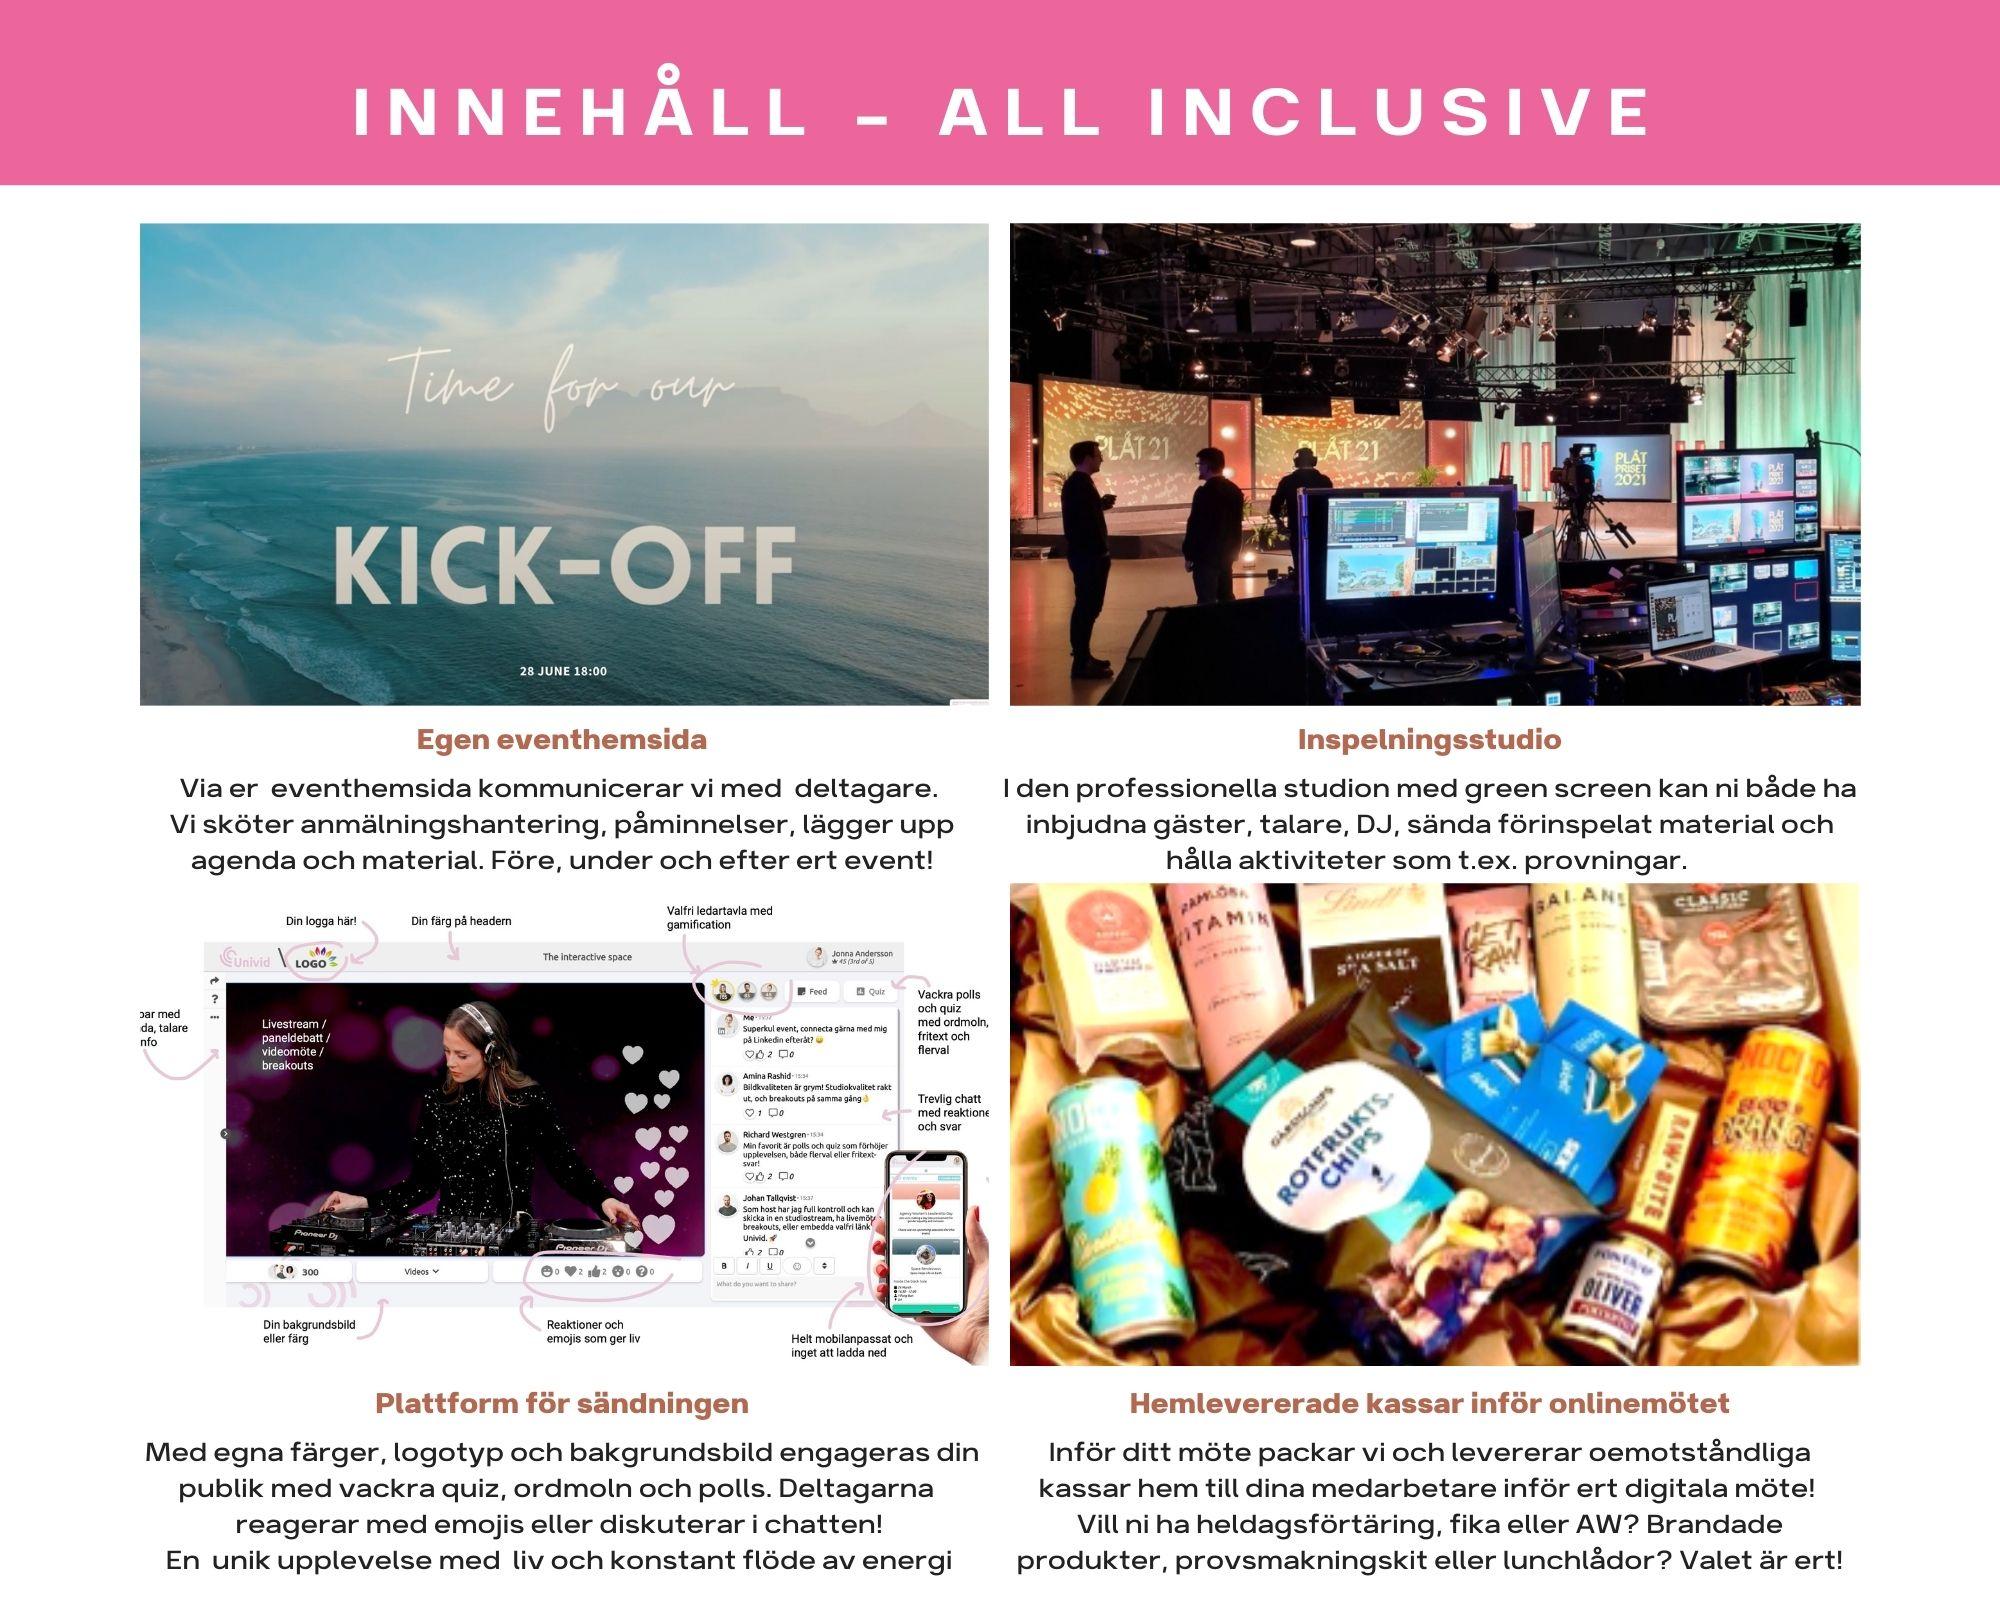 Innehållet i vårt digitala paket med all inclusive!